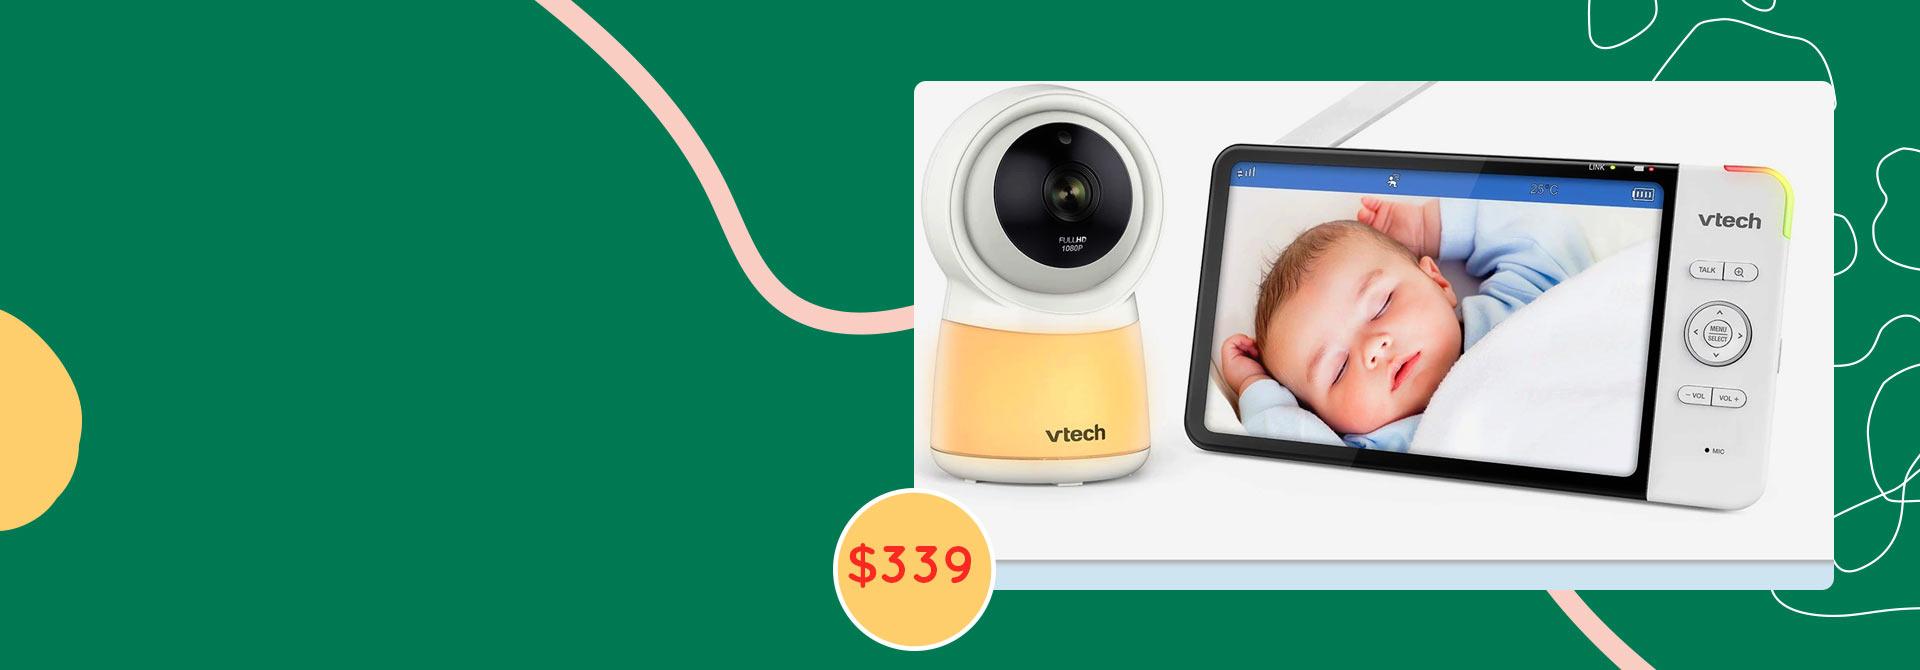 Vtech Camera sale